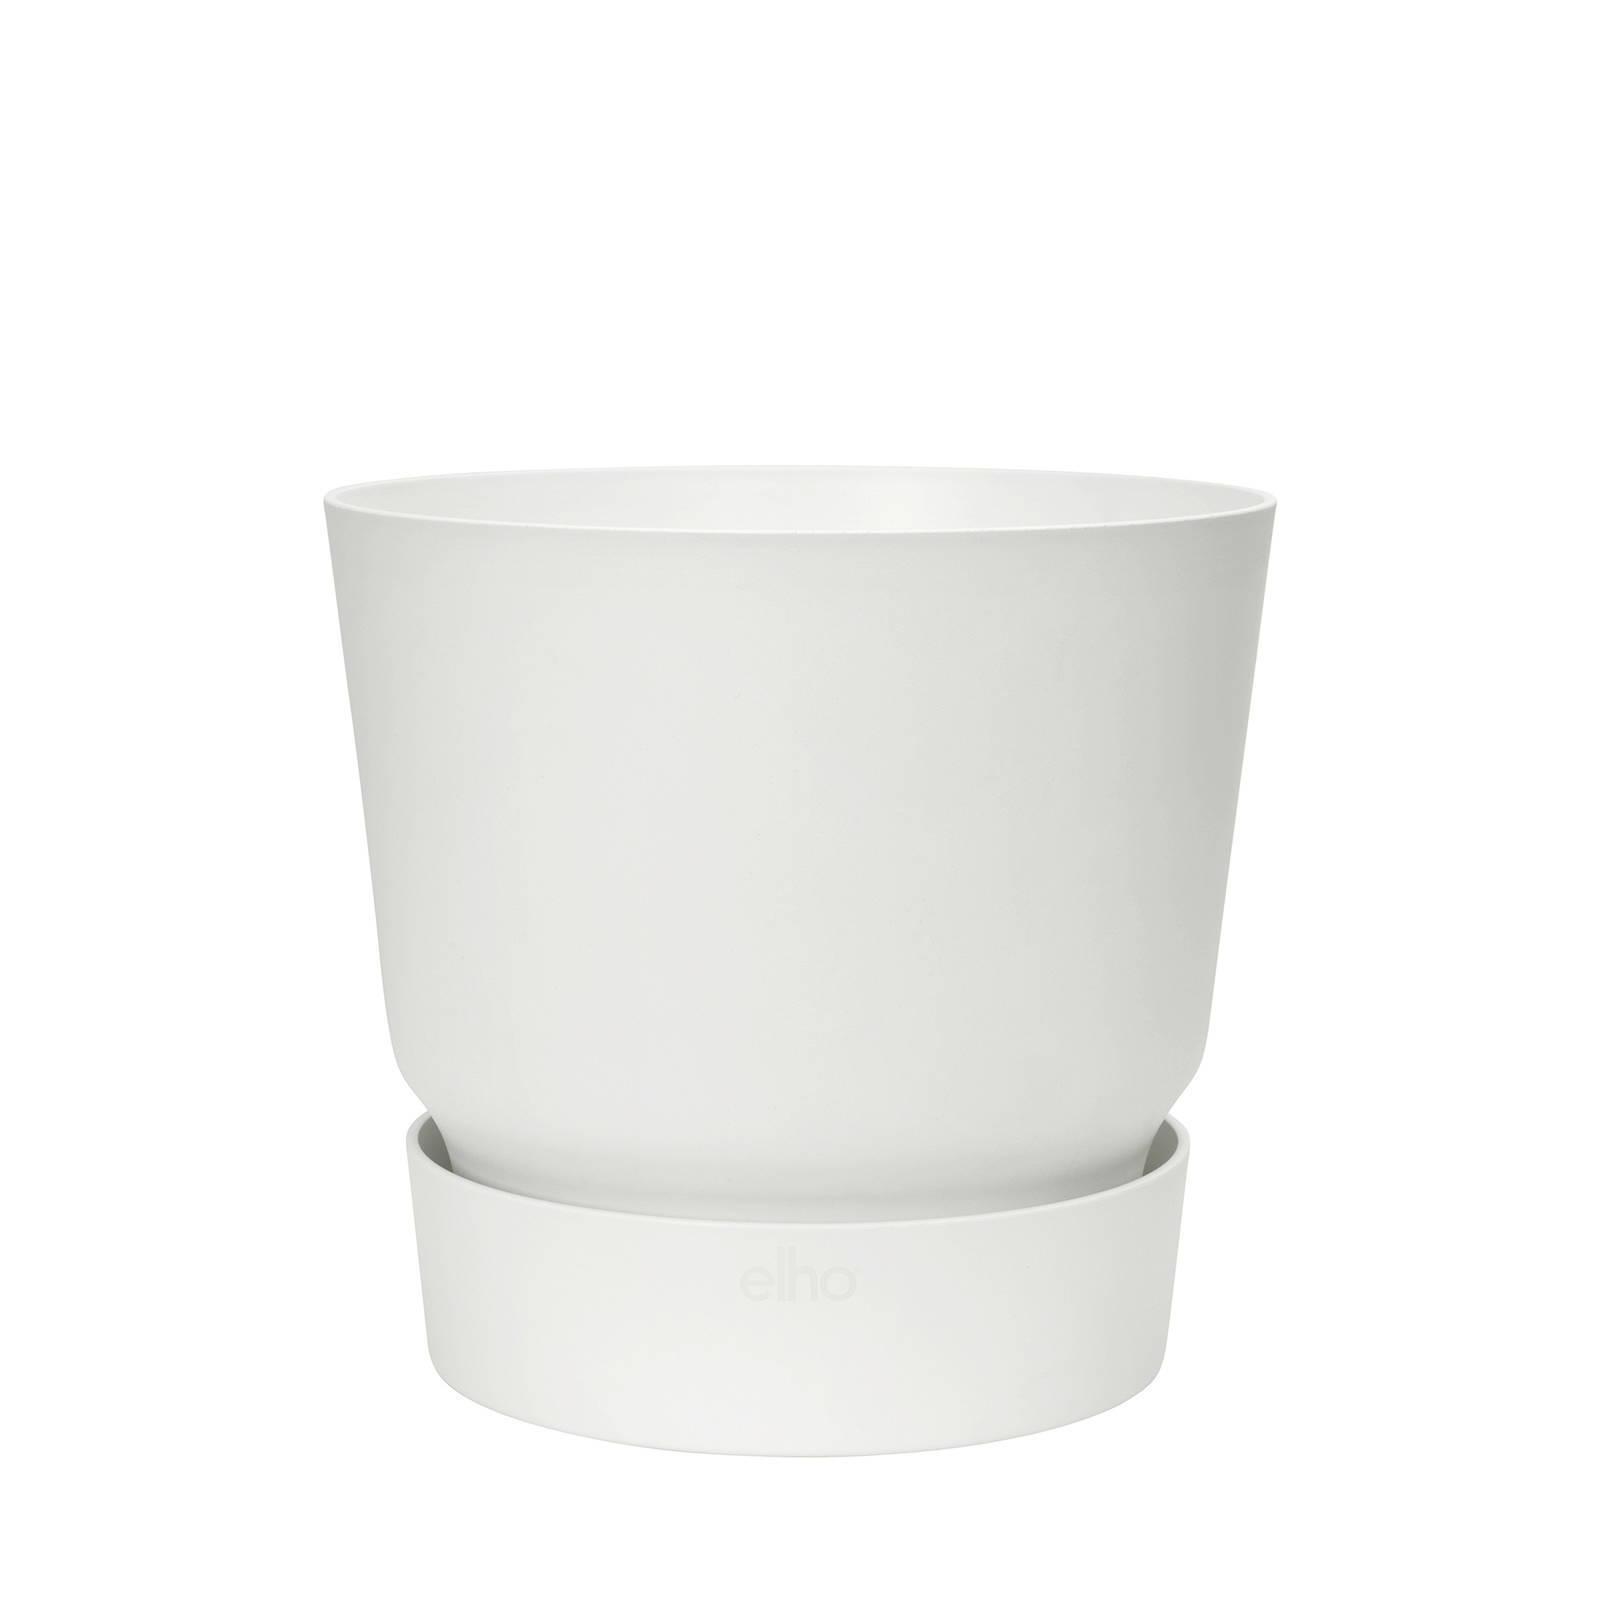 Bloempot Binnen Wit.Bloempotten Bij Wehkamp Gratis Bezorging Vanaf 20